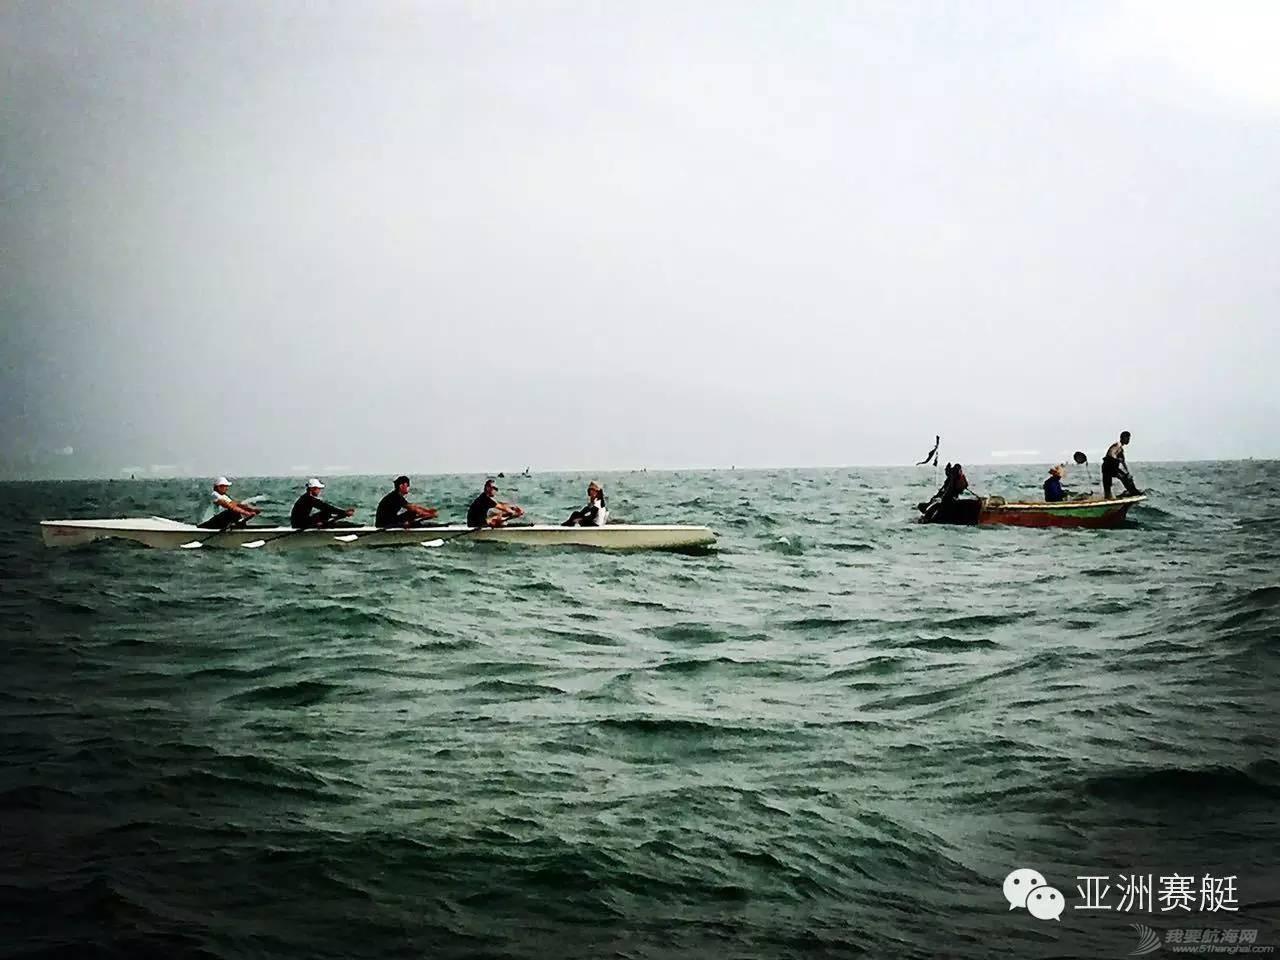 在海浪中划赛艇?王石主席在深圳万科浪骑游艇会体验海岸赛艇Costal Rowing 1298117b7701b9dbdb00f508d4336e81.jpg